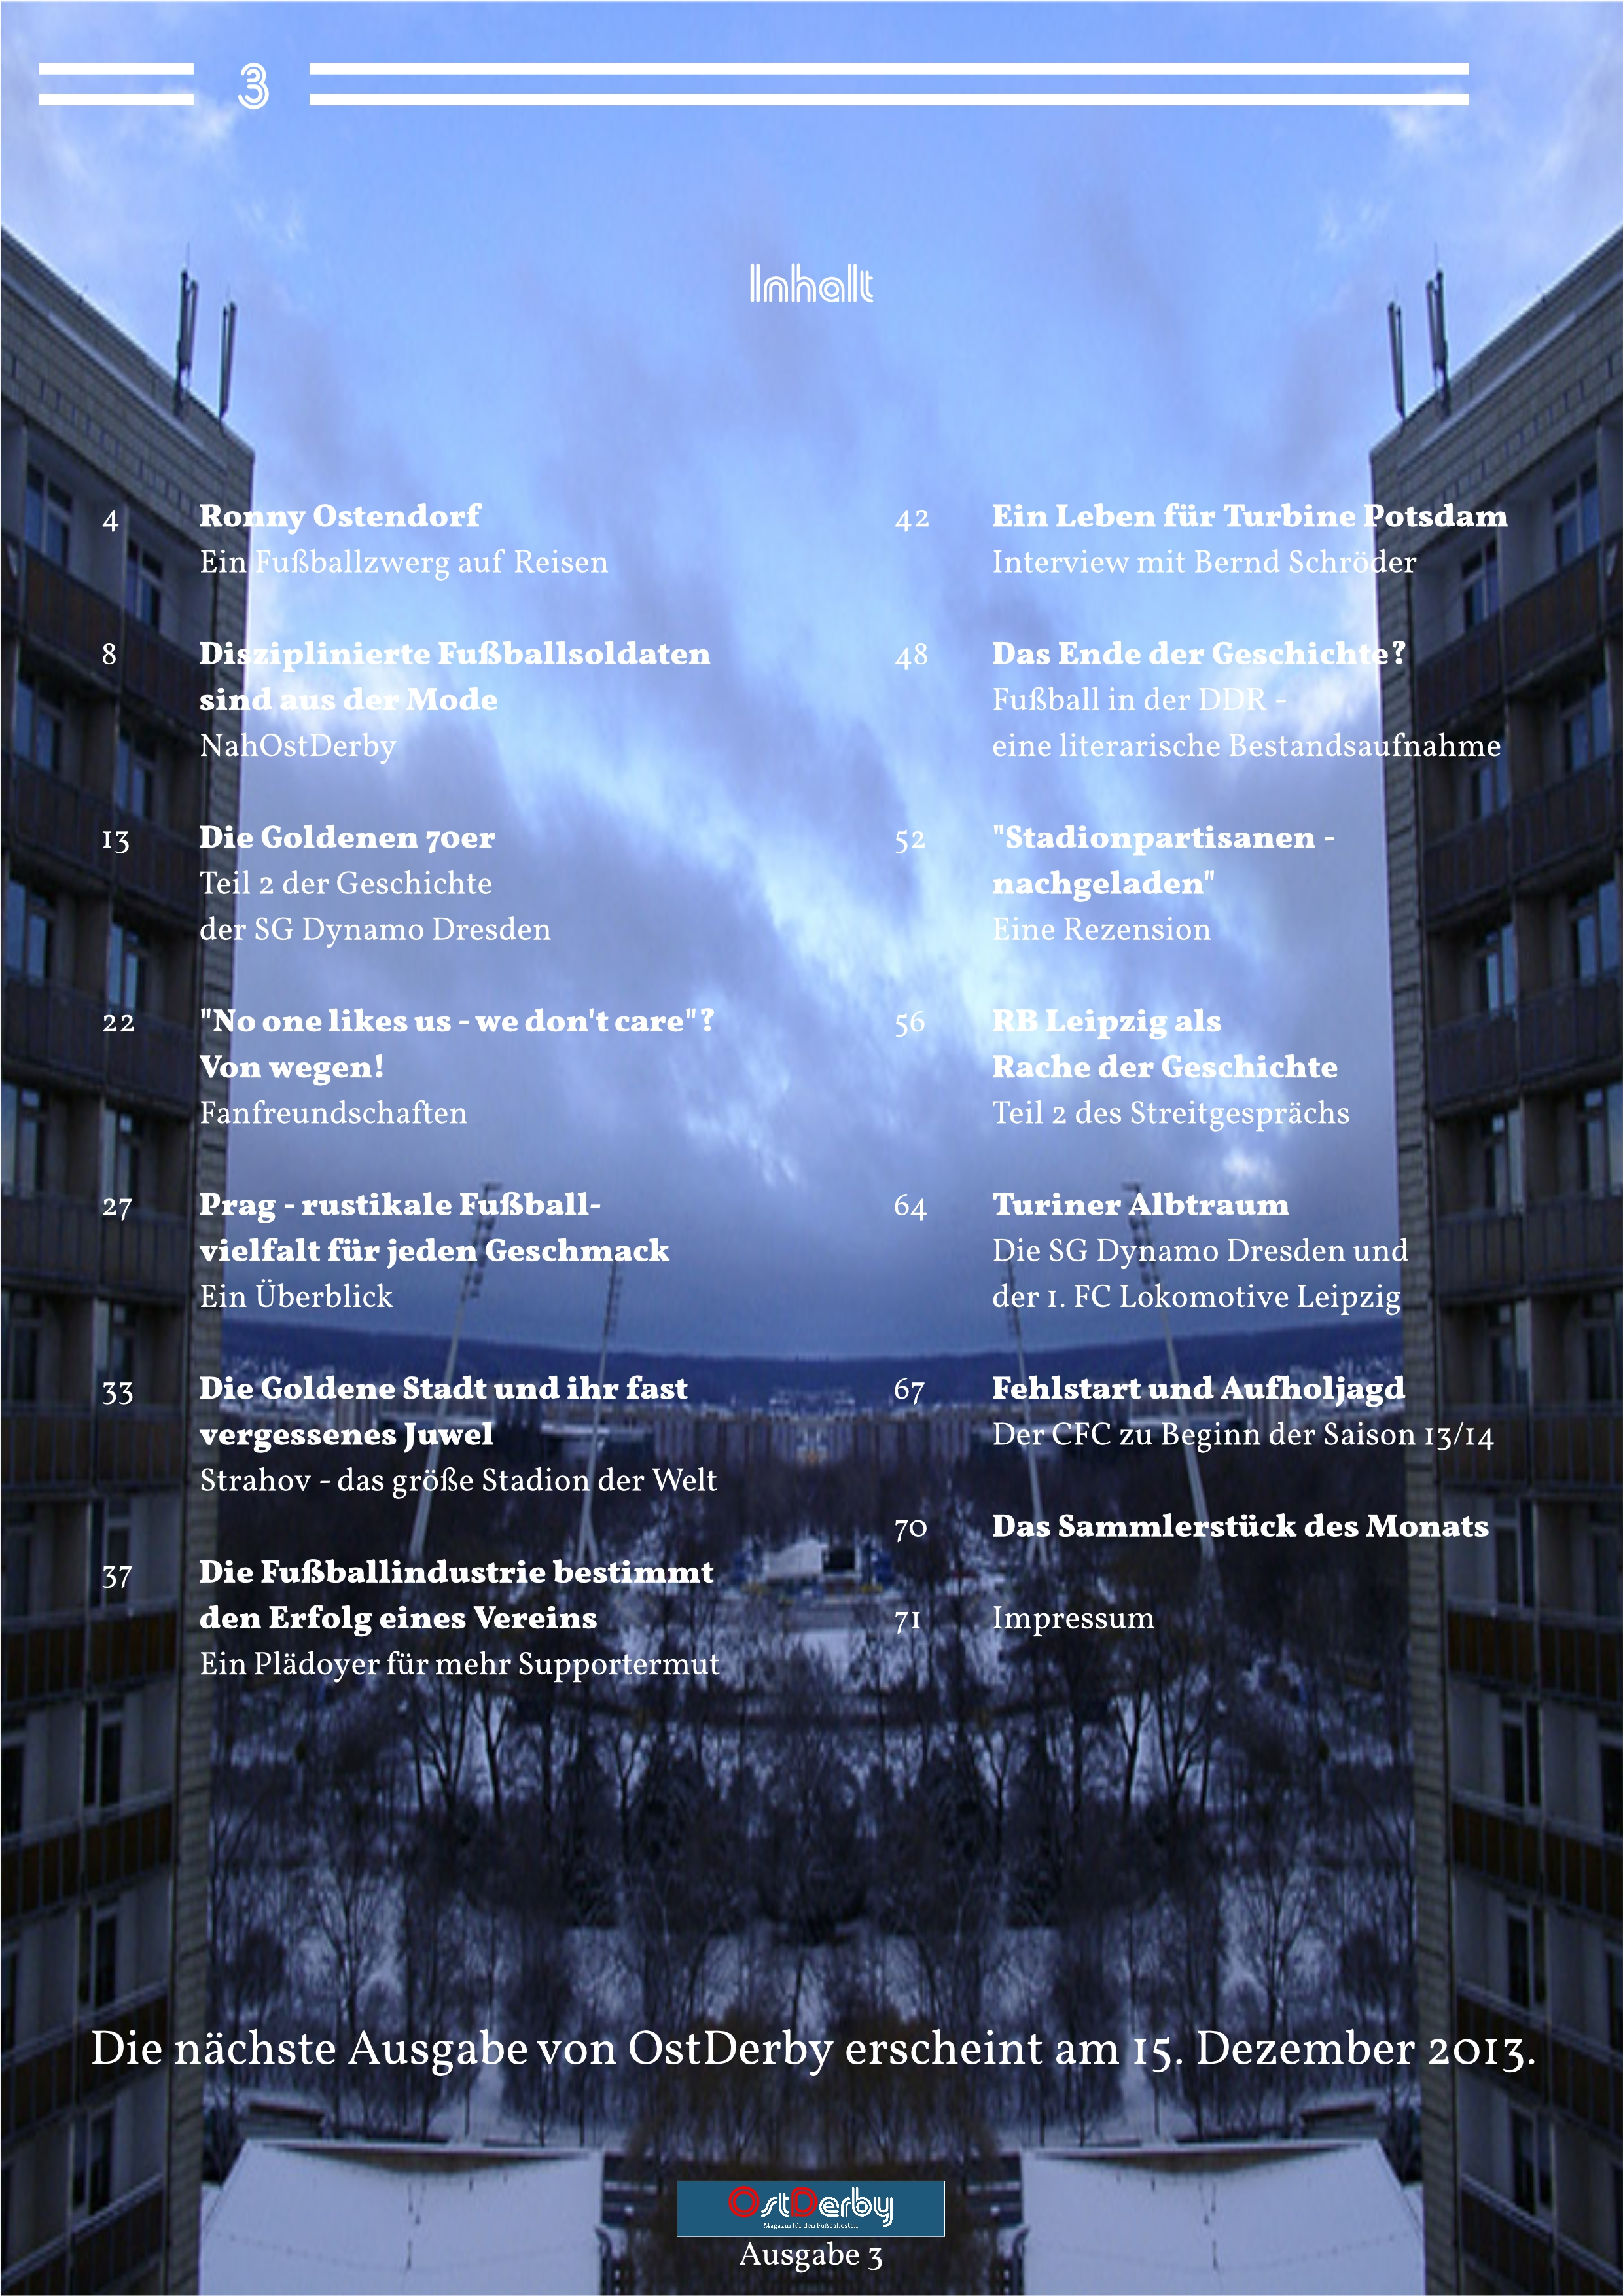 OstDerby Ausgabe 3 - Inhaltsverzeichnis